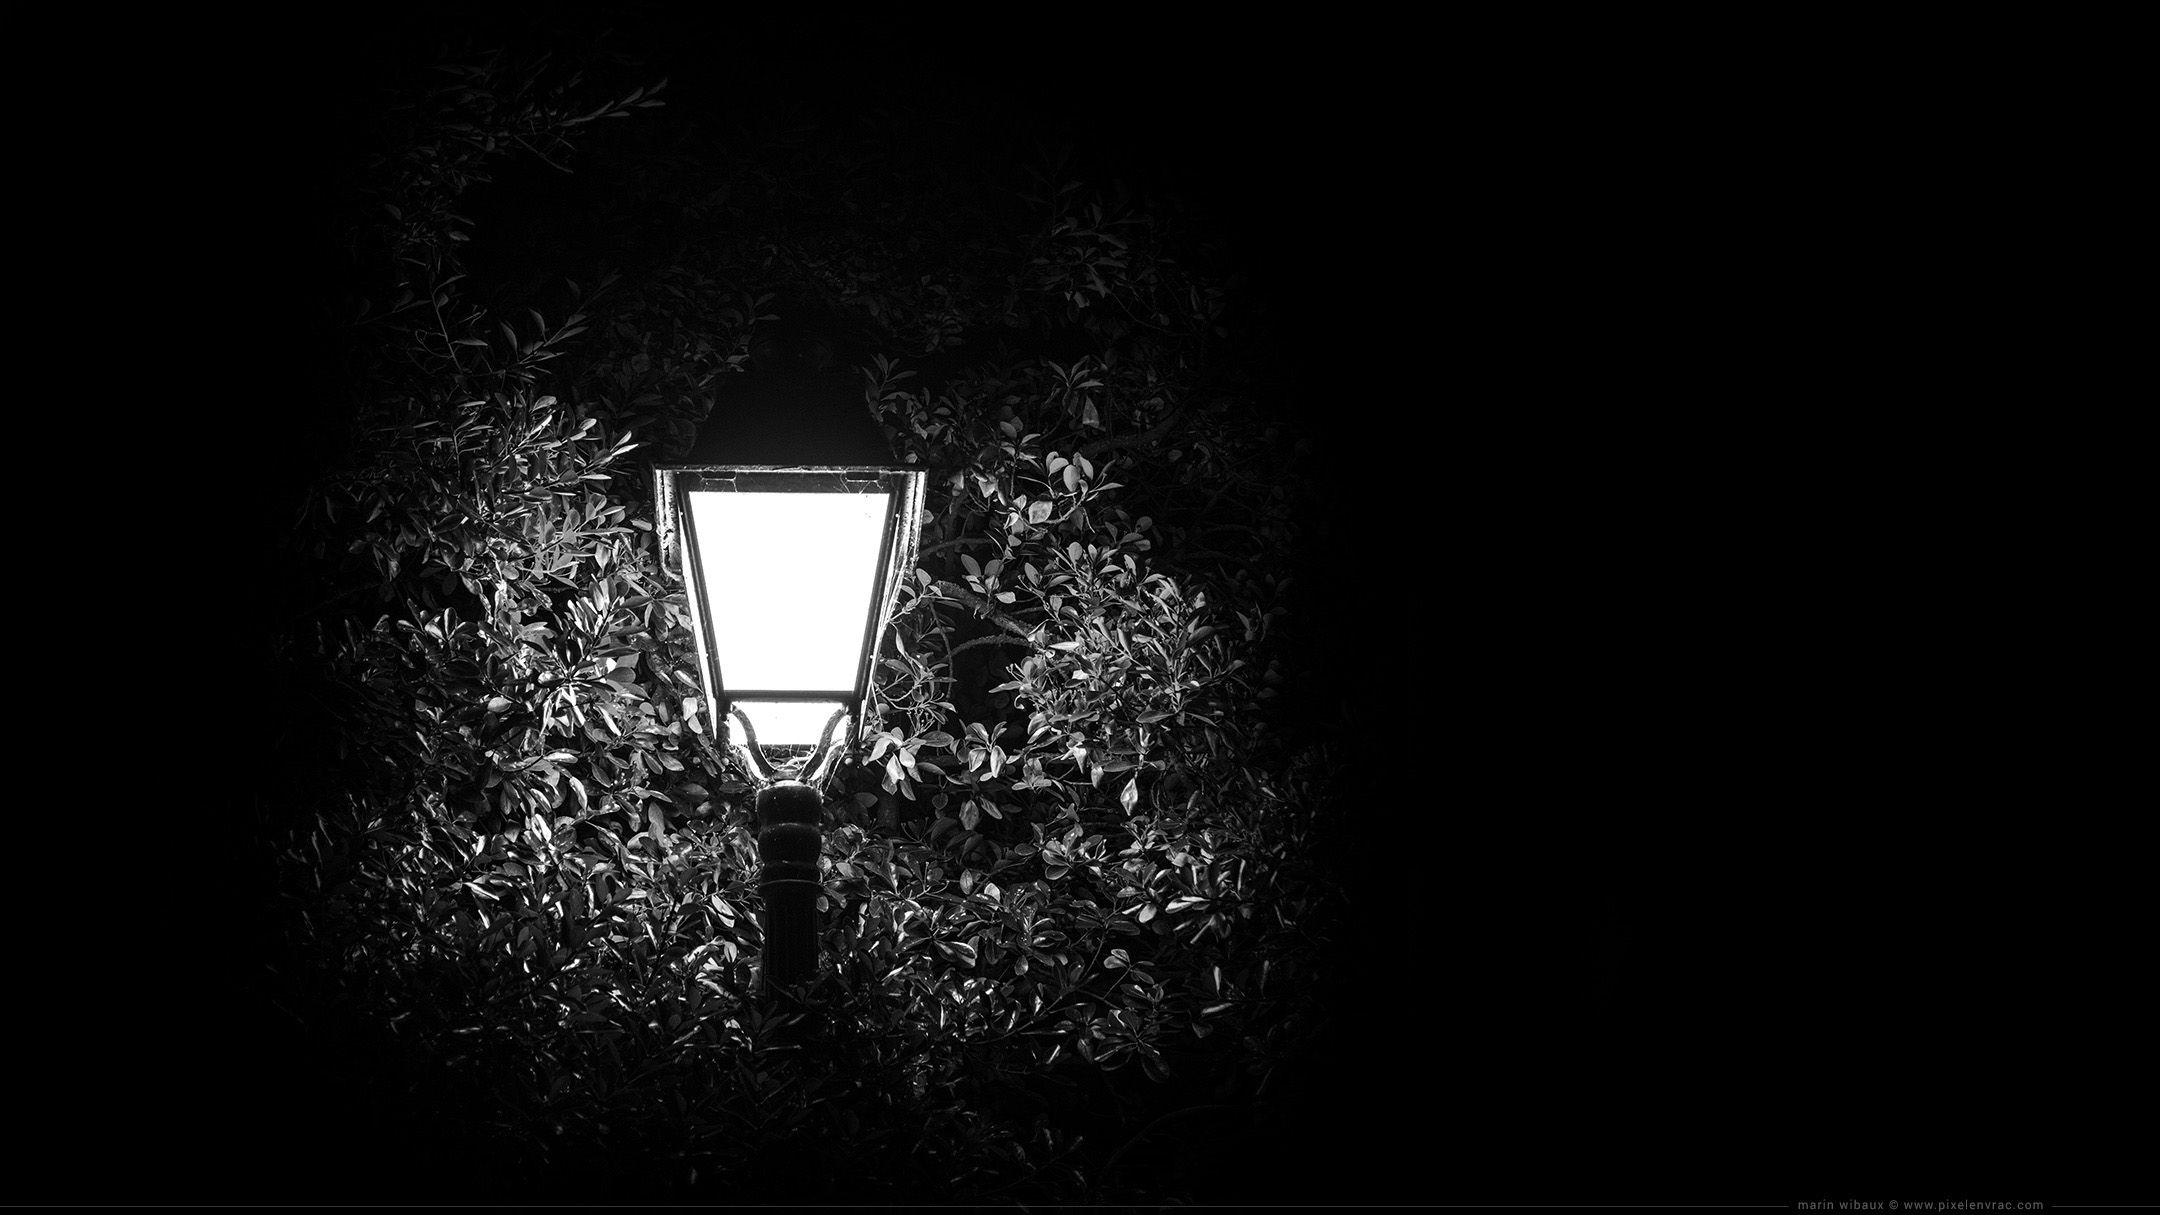 Wallpaper Fond D Ecran Photo Noir Et Blanc D Un Reverbere De Nuit Dans Les Branches D Un Arbre Wallpaper Fond Ecran Noir Ecran Noir Et Blanc Fond Ecran